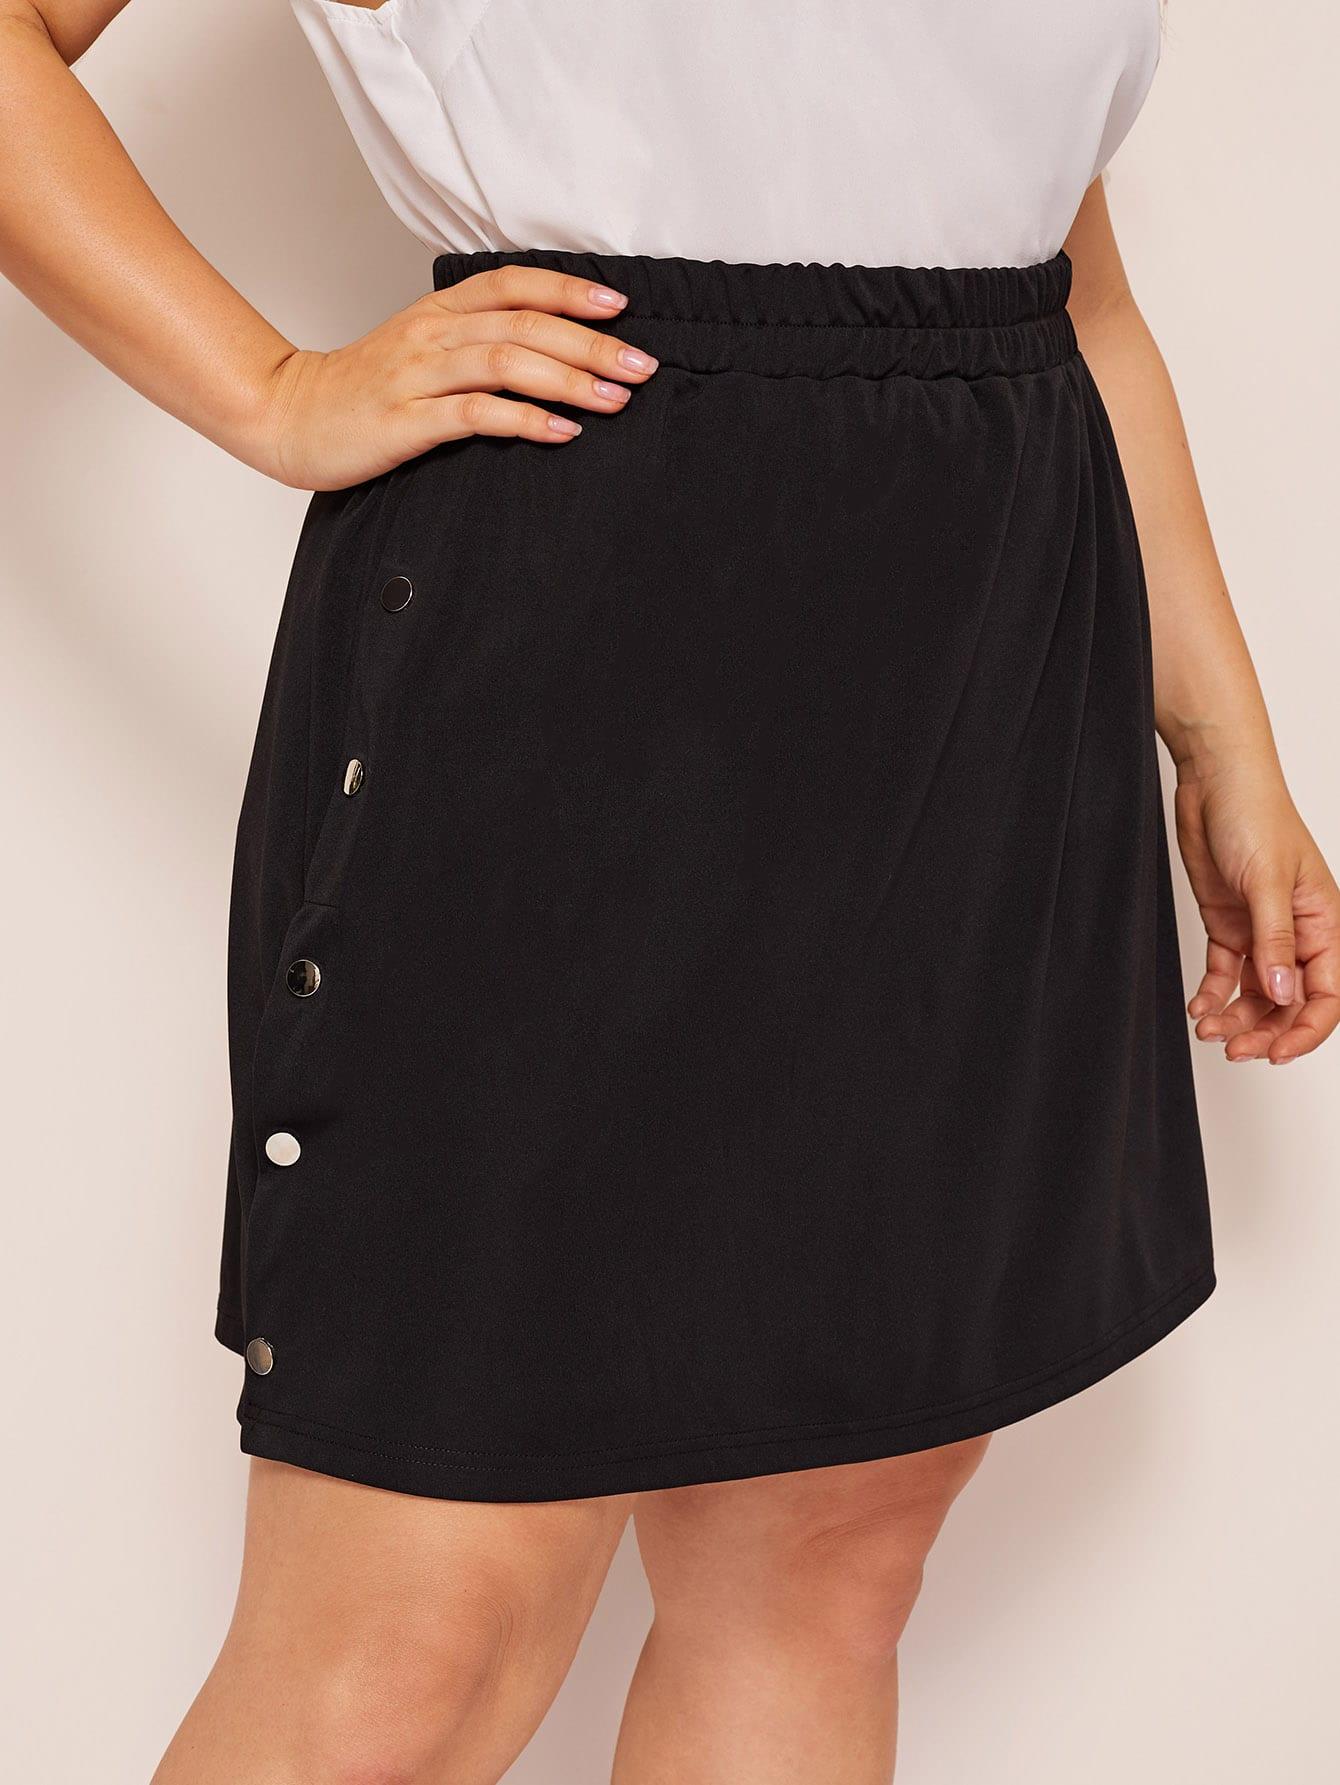 Фото - Юбку размера плюс с эластичной талией и пуговицами от SheIn цвет чёрные